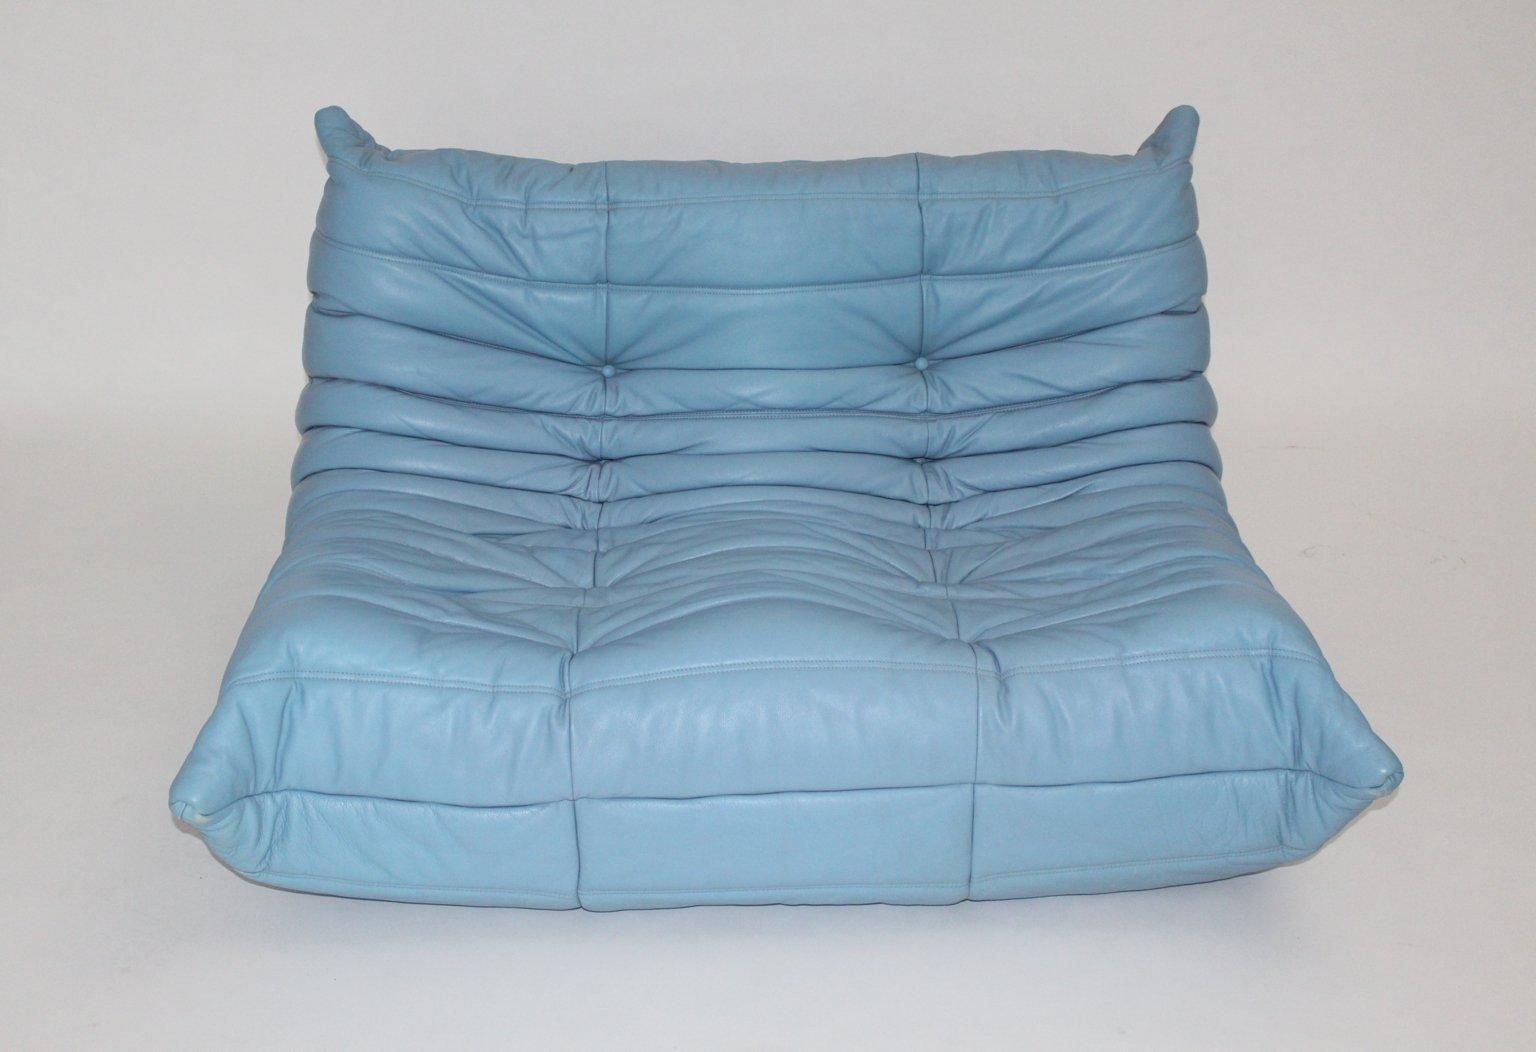 fauteuil togo vintage en cuir bleu par michel ducaroy pour ligne roset en vente sur pamono. Black Bedroom Furniture Sets. Home Design Ideas